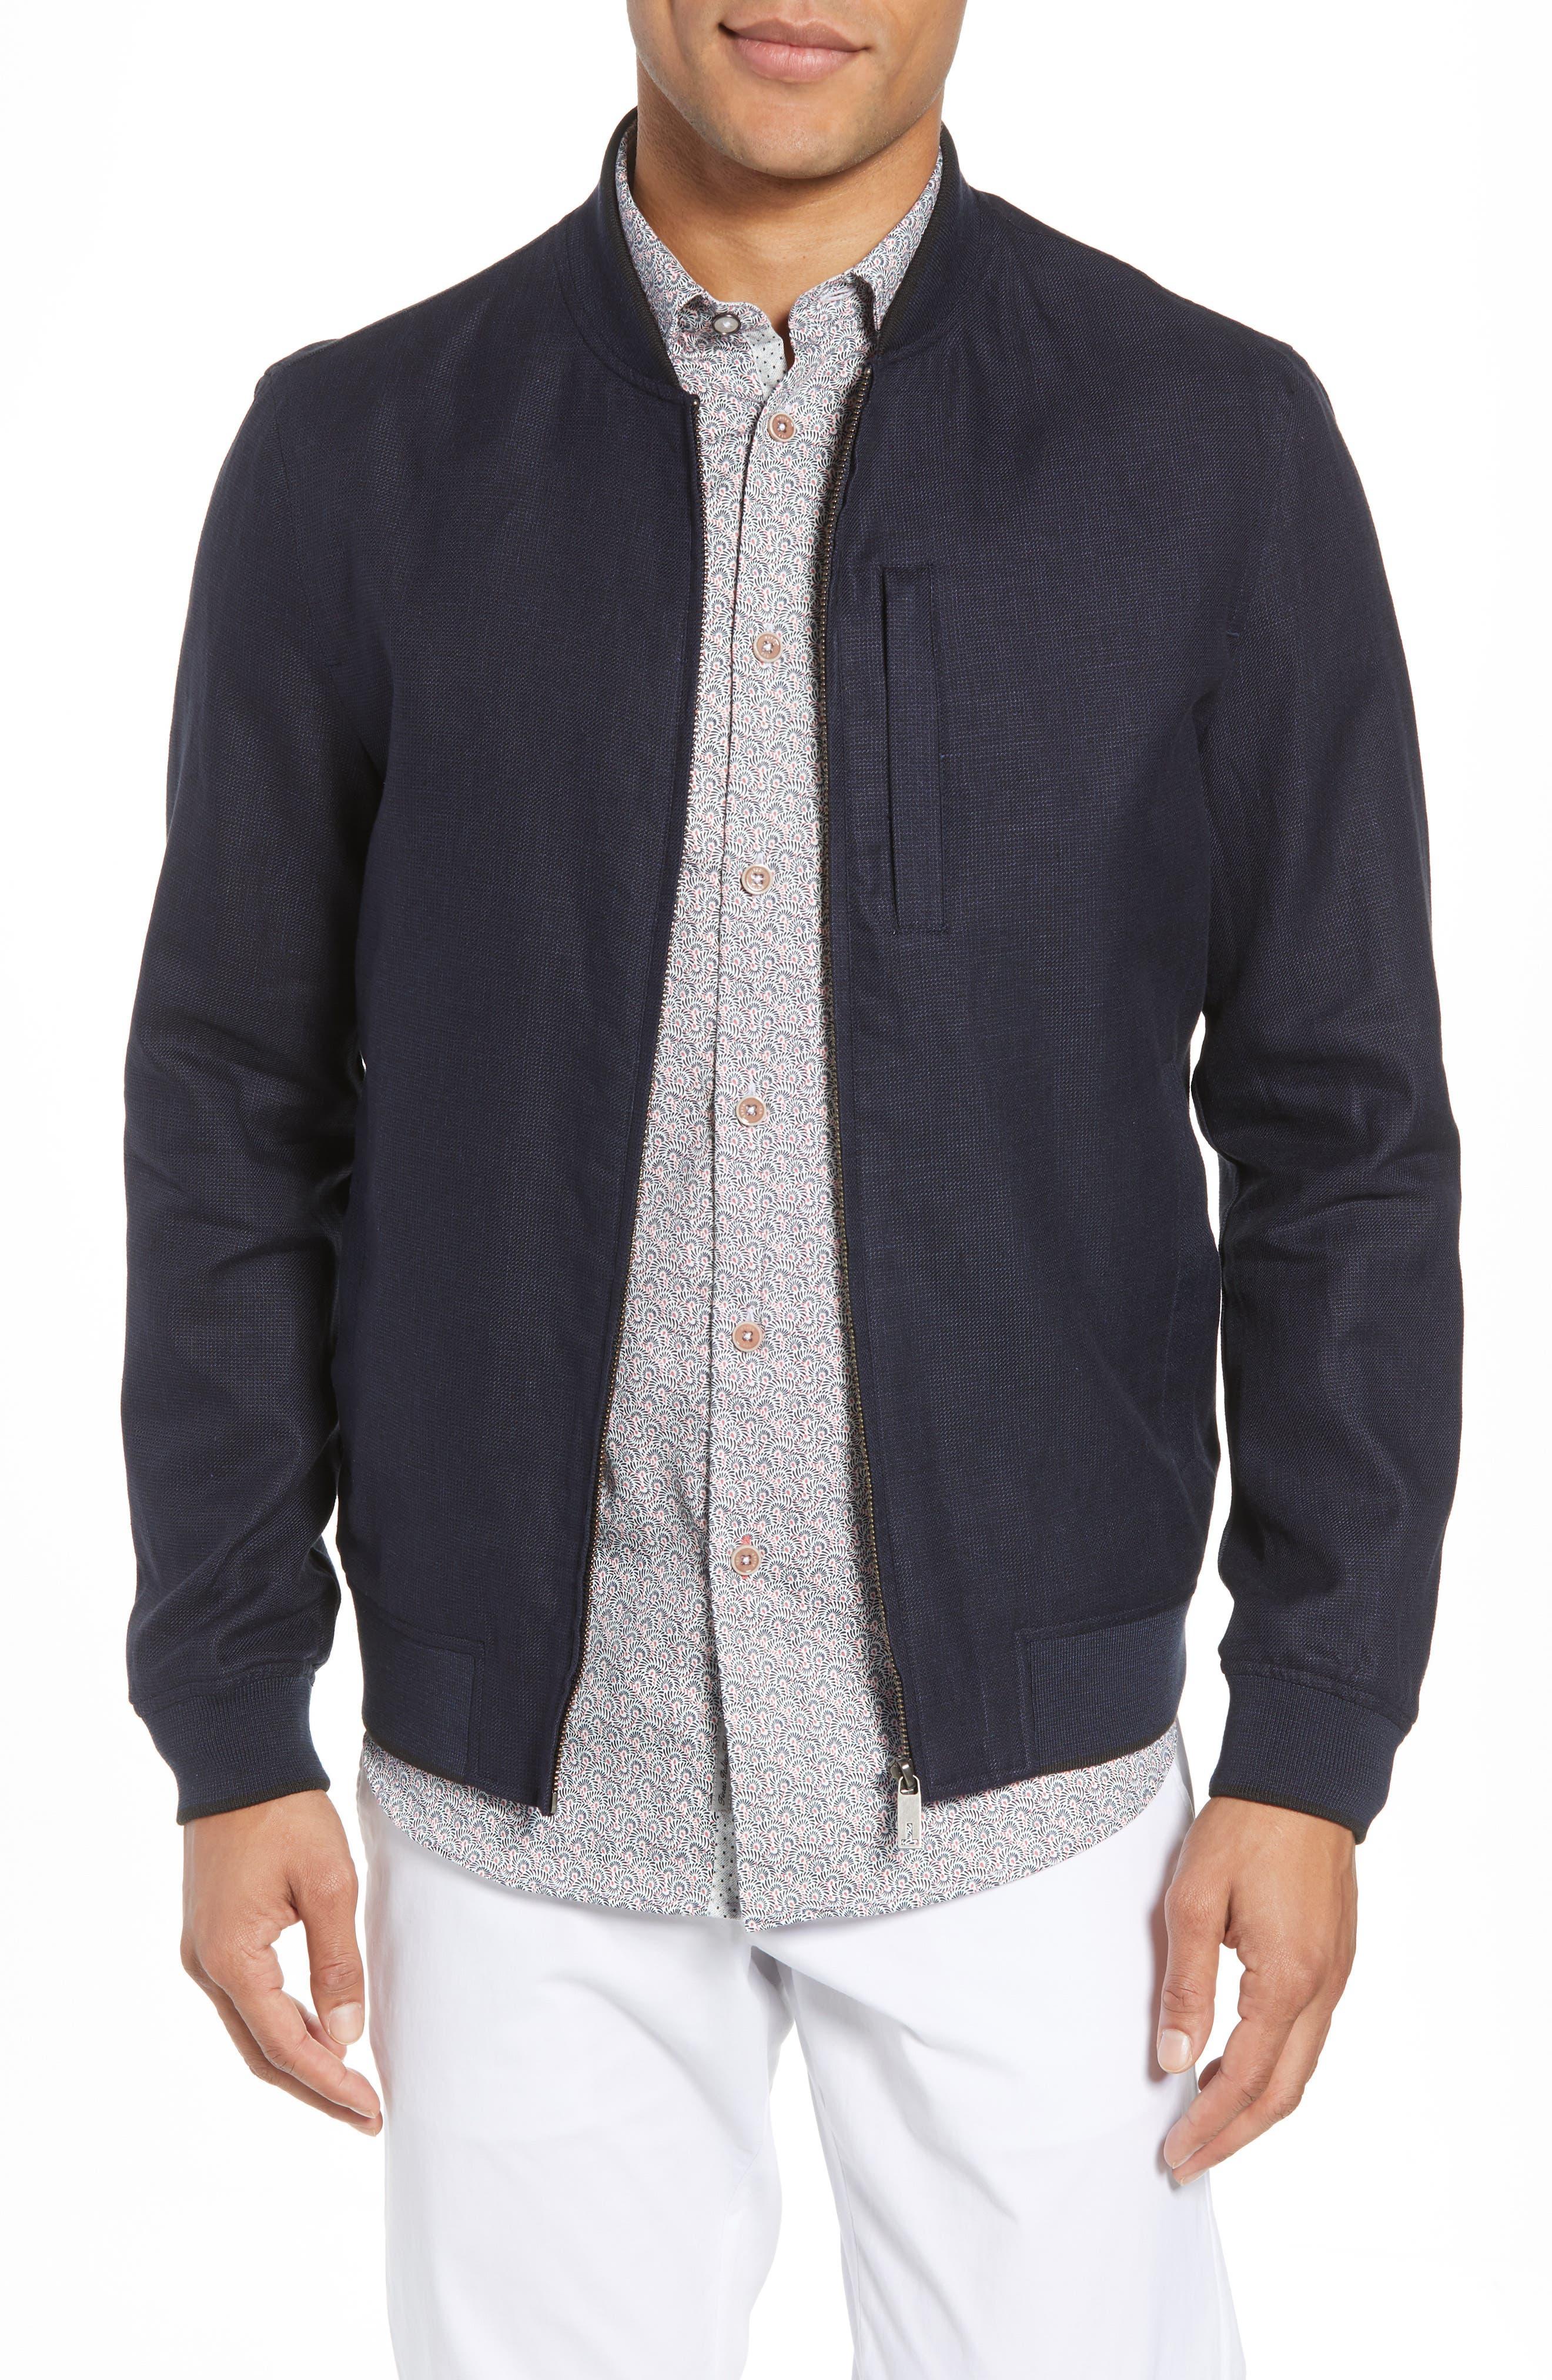 Raney Trim Fit Linen & Cotton Jacket,                             Main thumbnail 1, color,                             410